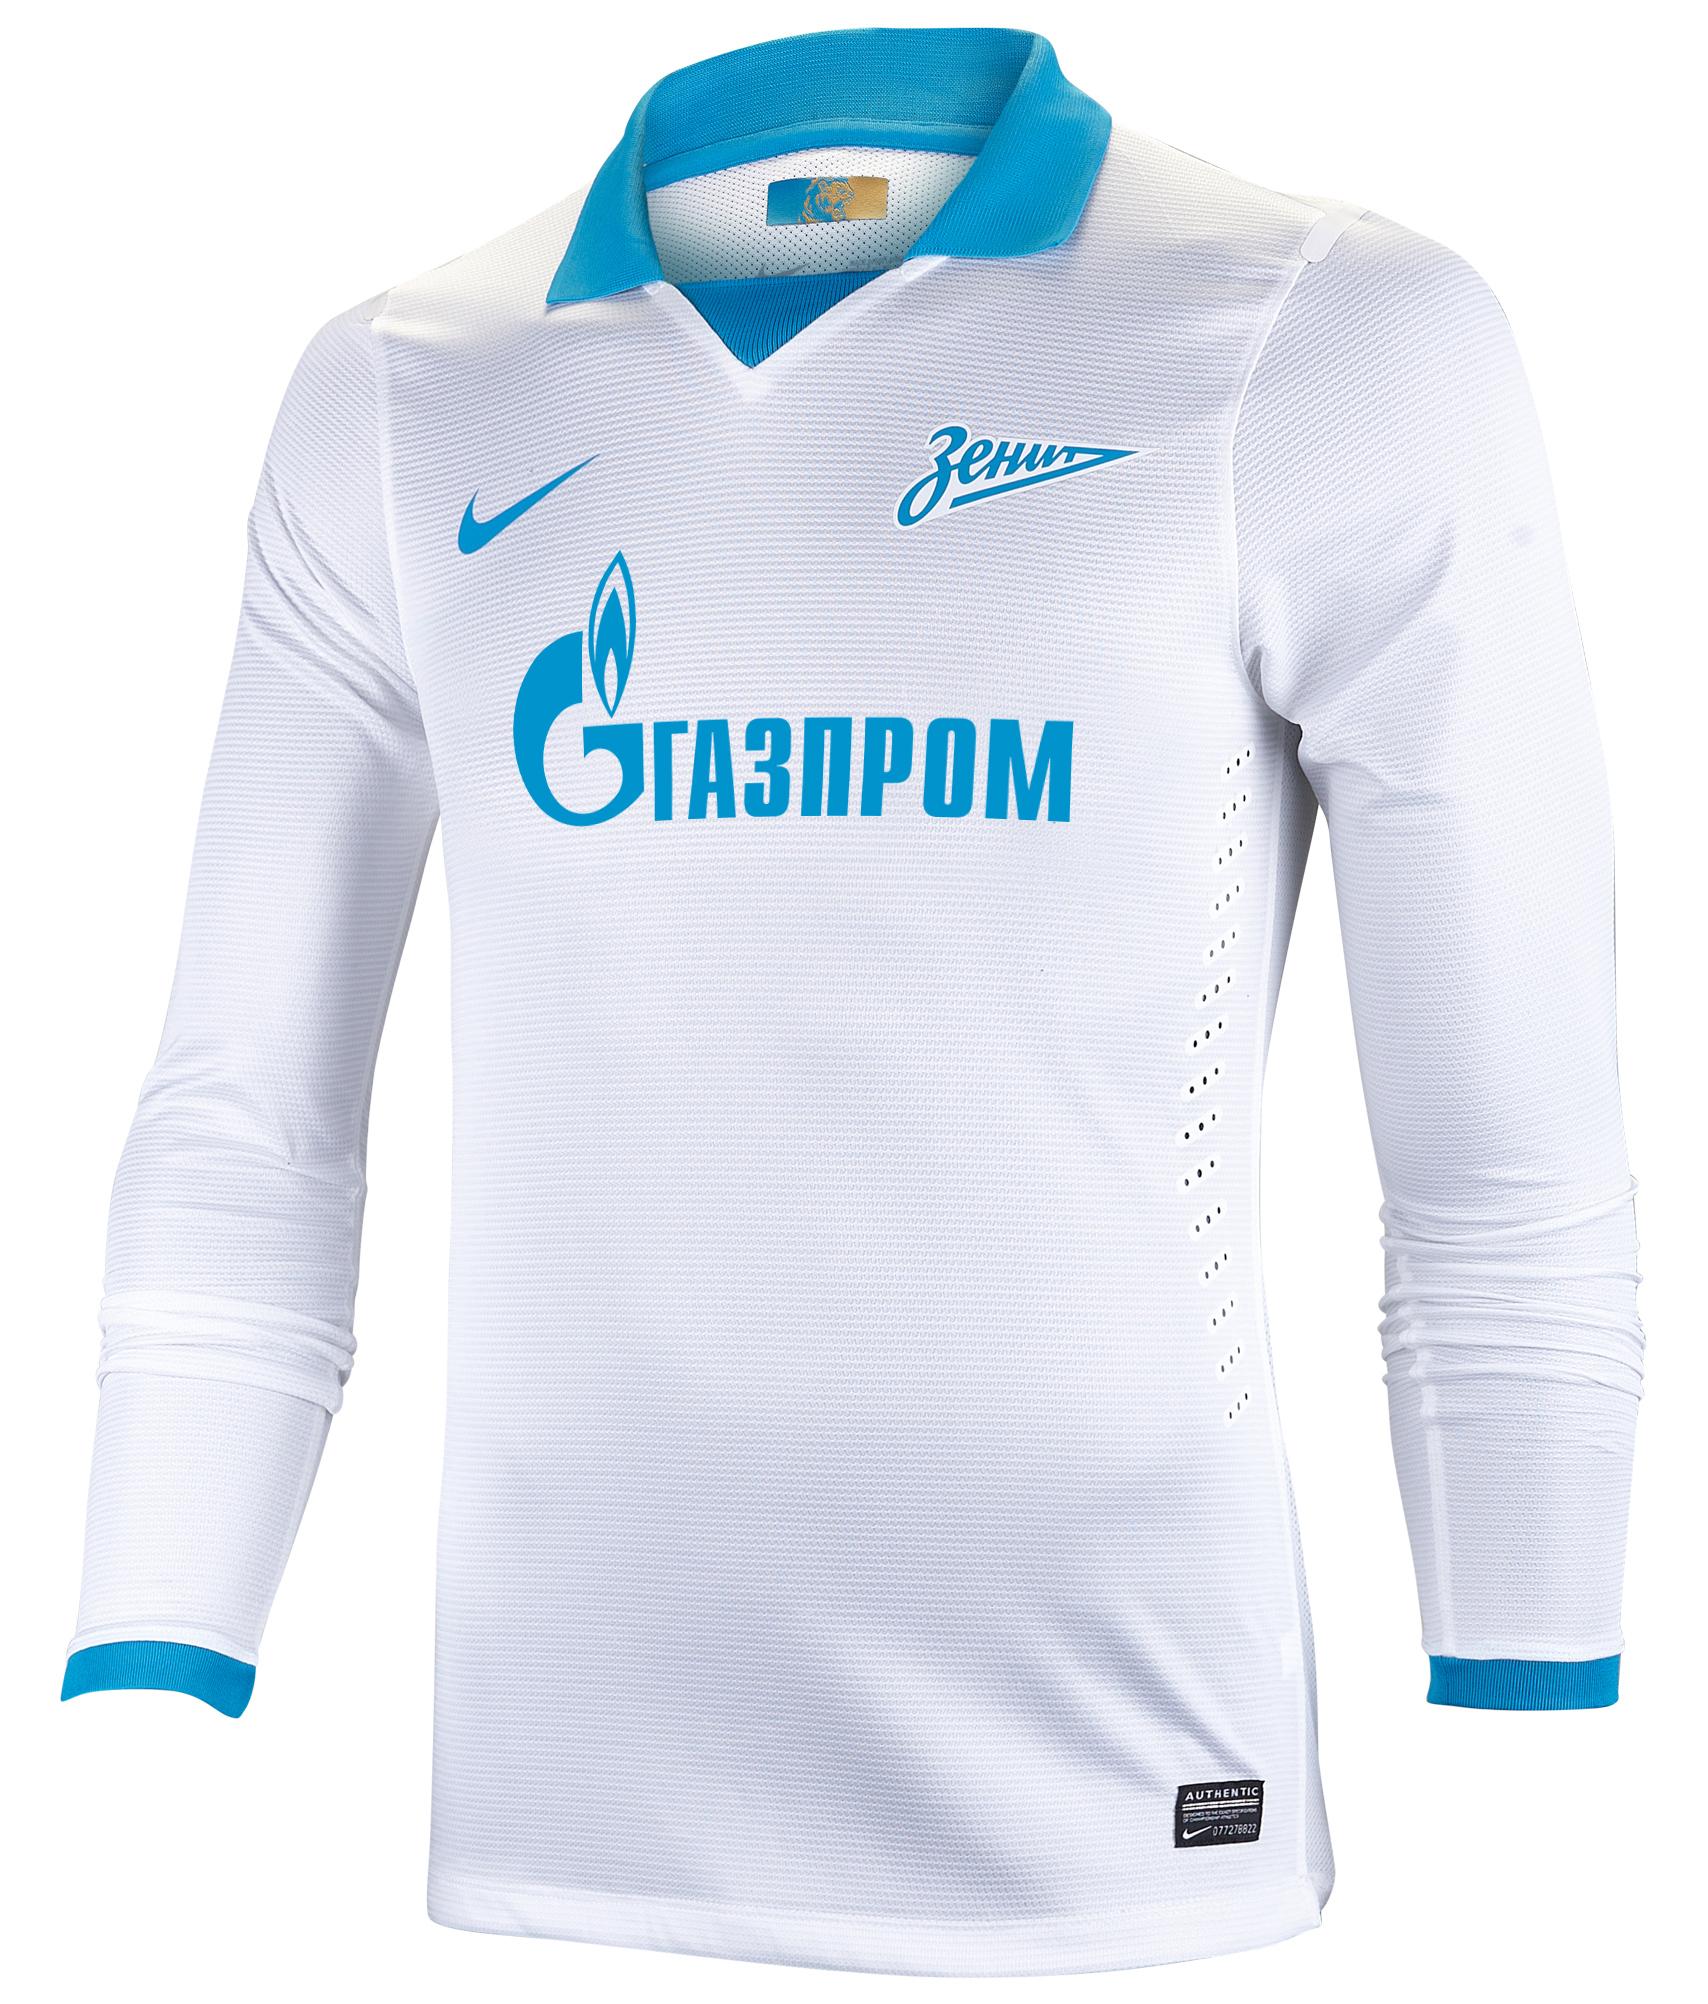 Оригинальная выездная футболка с длинным рукавом, Цвет-Белый, Размер-L